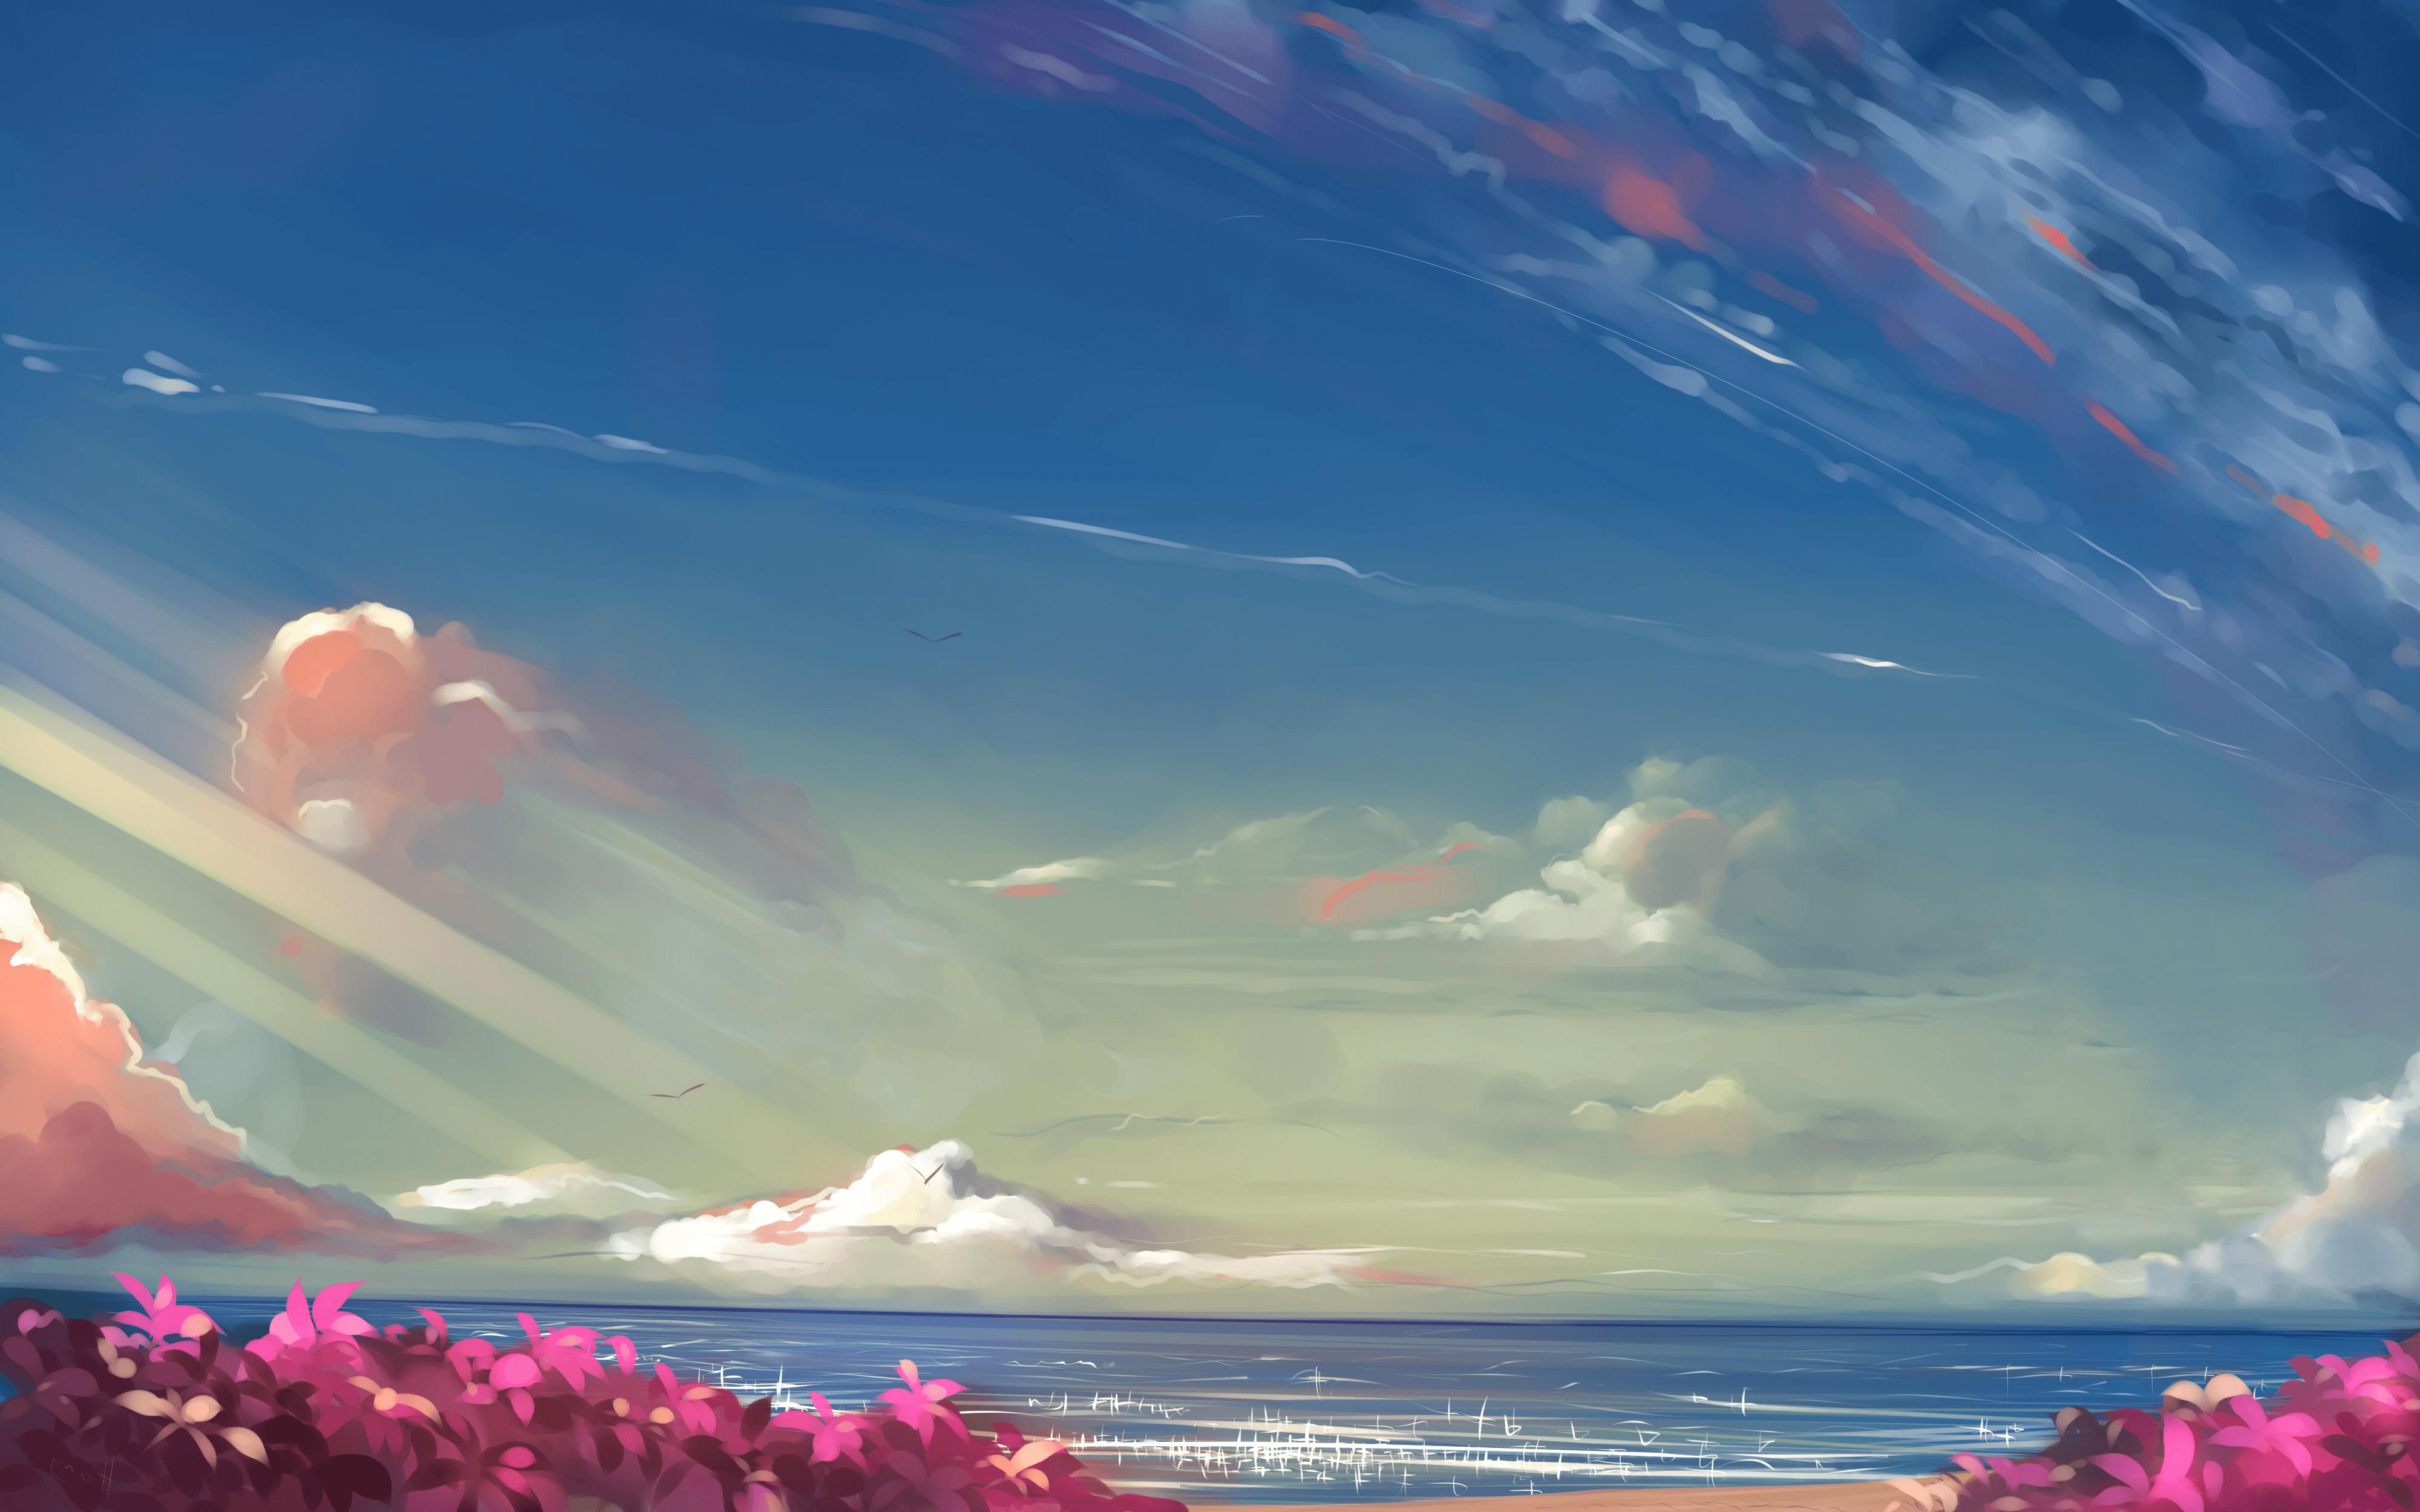 Anime Sky Wallpapers